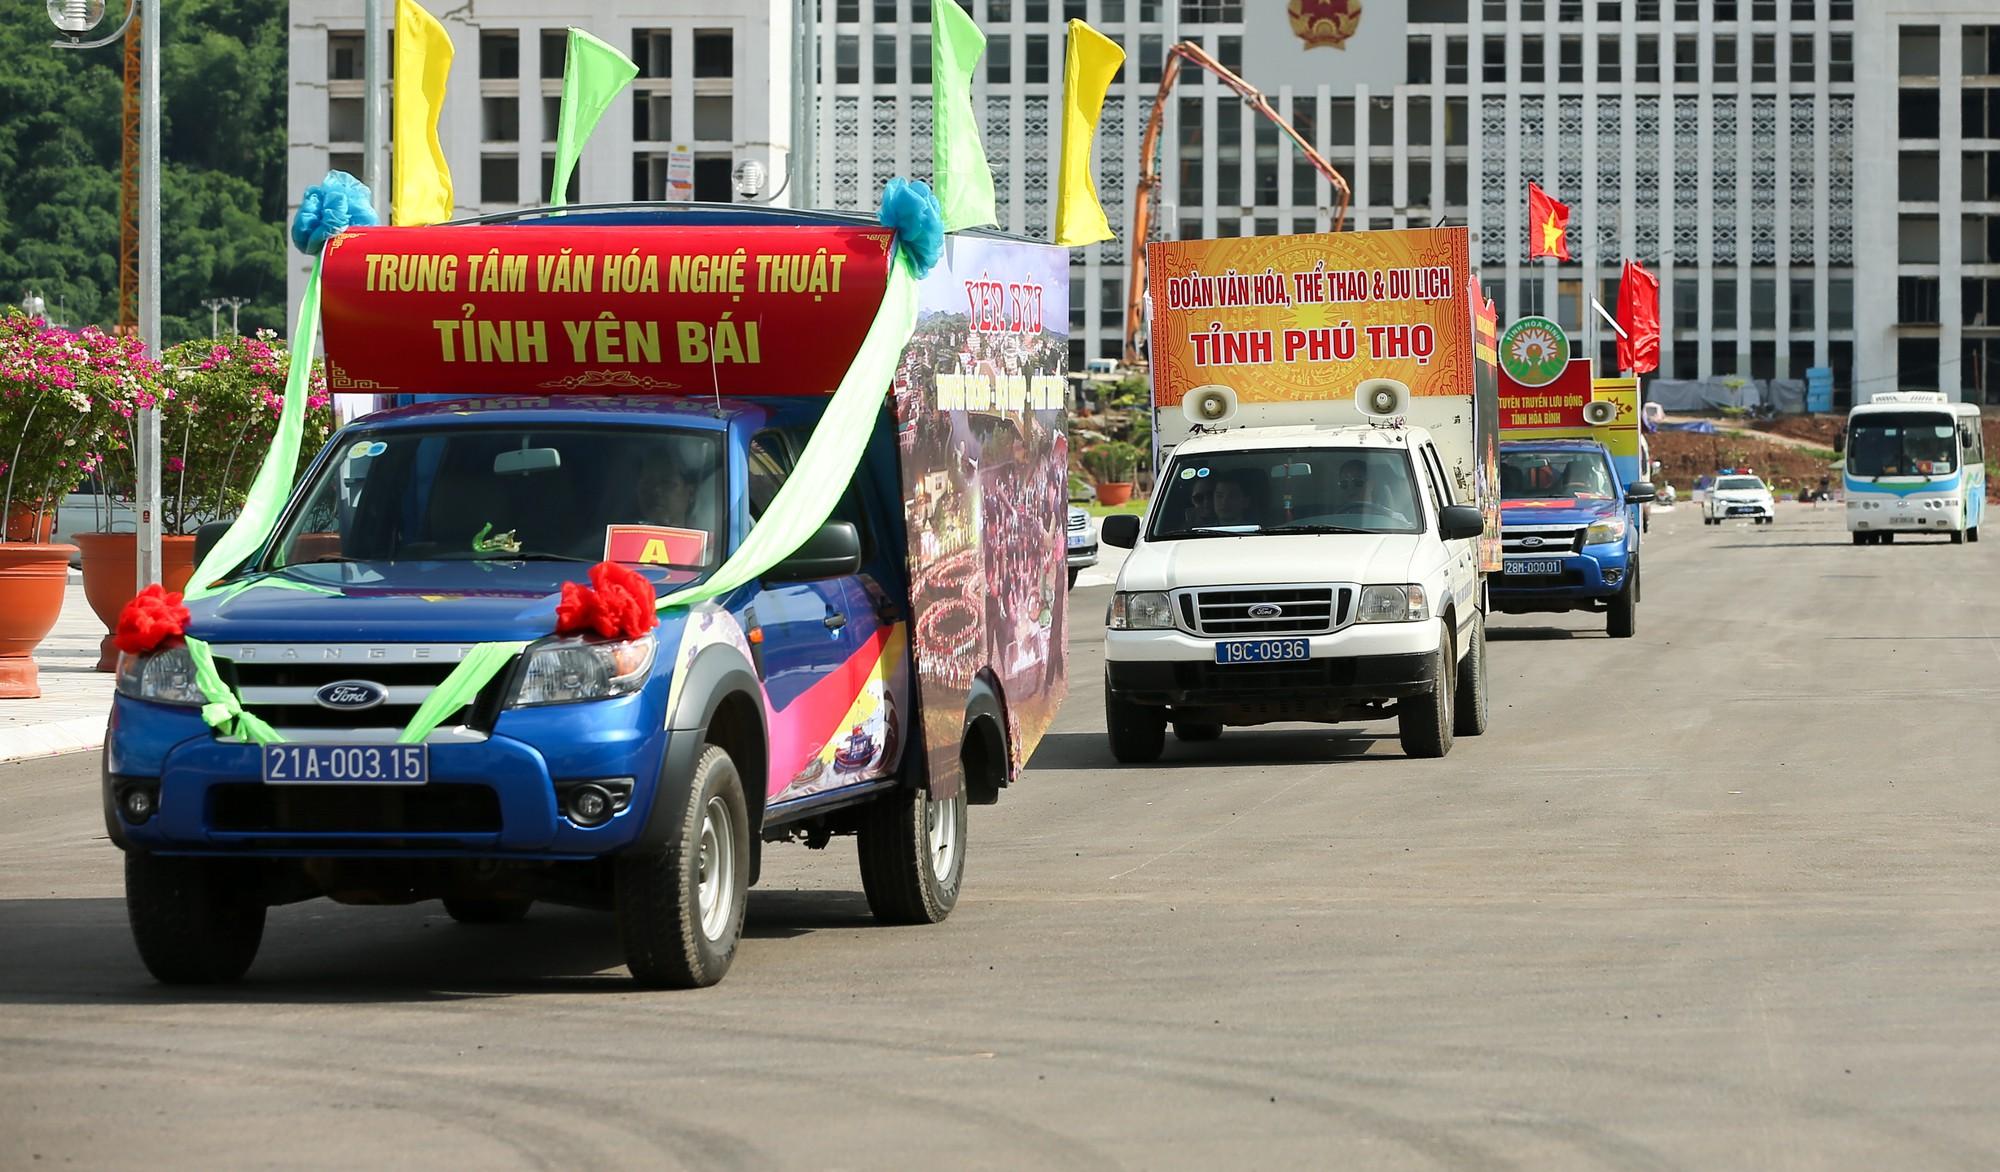 Thứ trưởng Trịnh Thị Thuỷ cùng đồng bào các dân tộc dâng hương Chủ tịch Hồ Chí Minh14